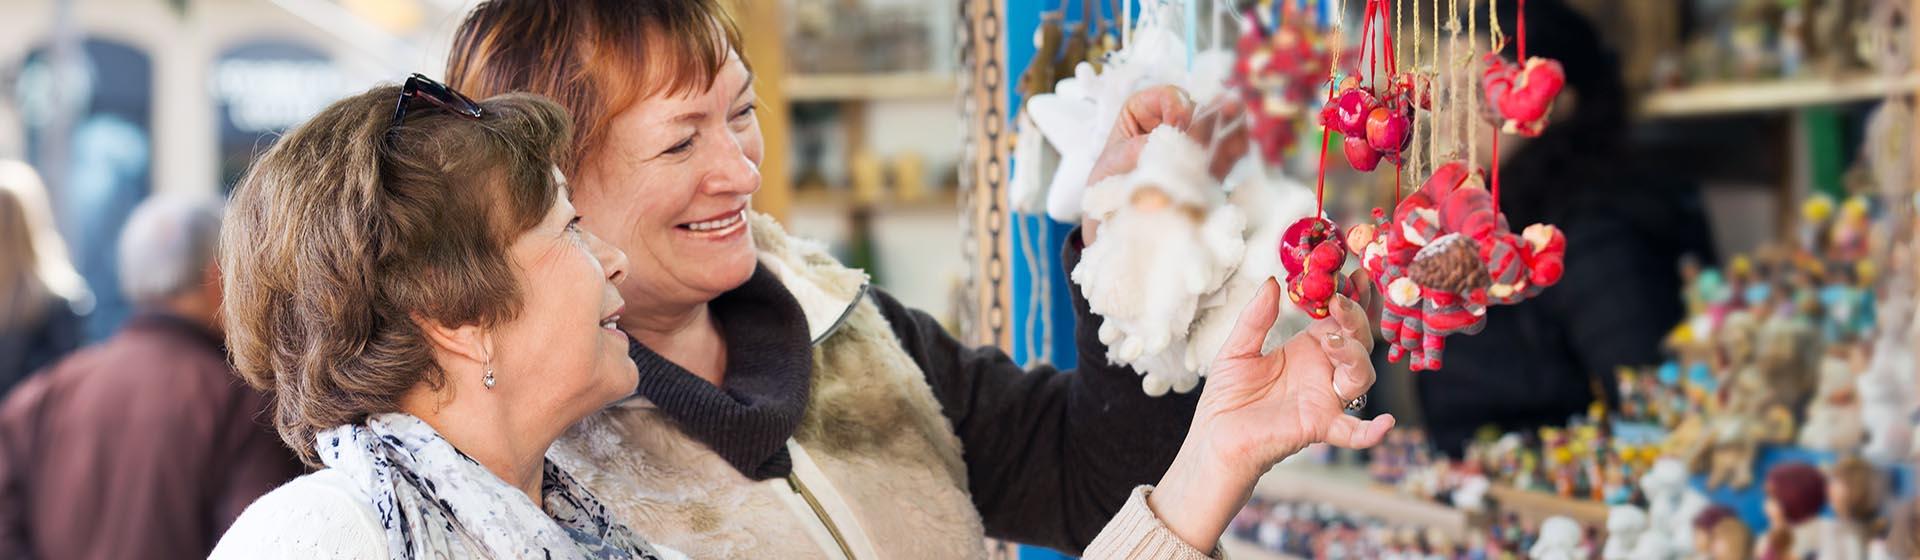 Overzicht zorgvergoedingen voor mantelzorgers